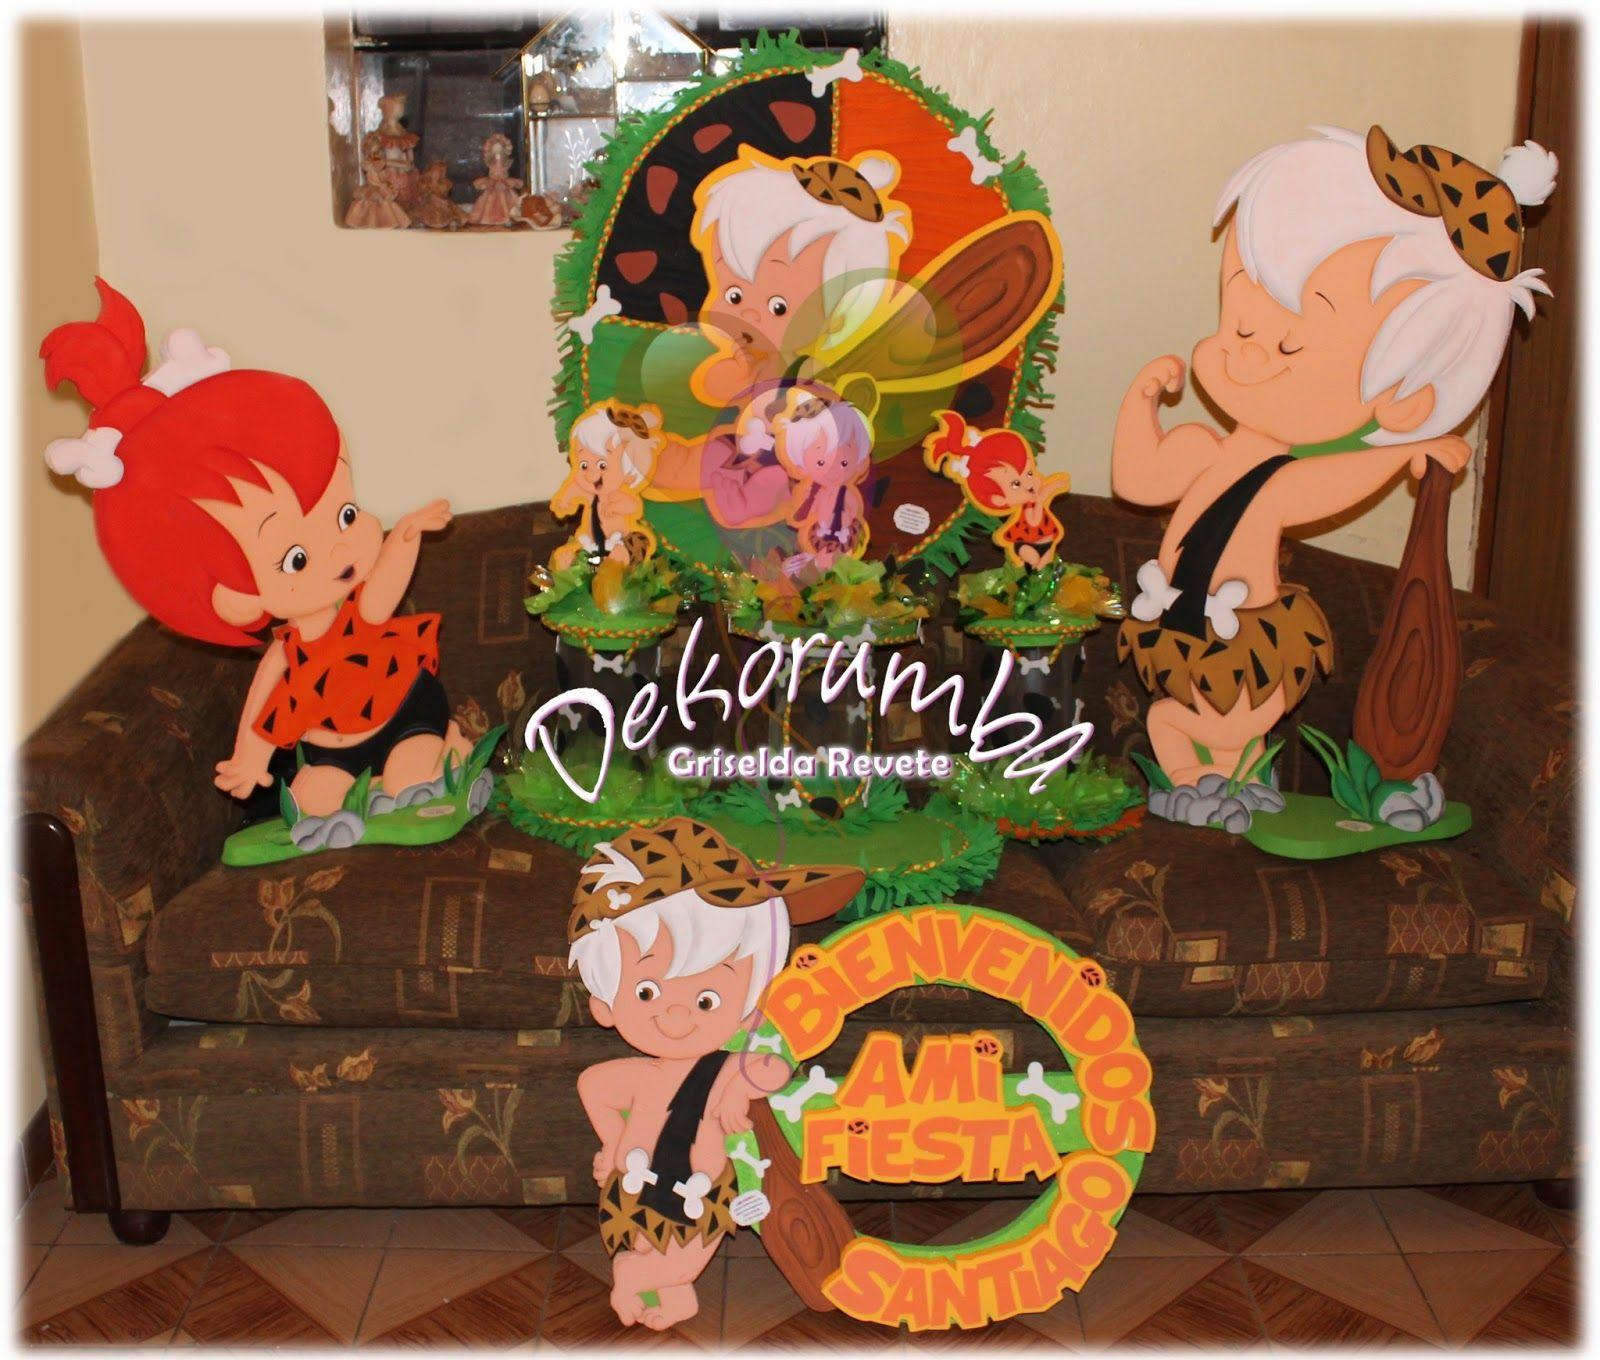 Flintstones Party. Pebbles Party. Decor Ideas